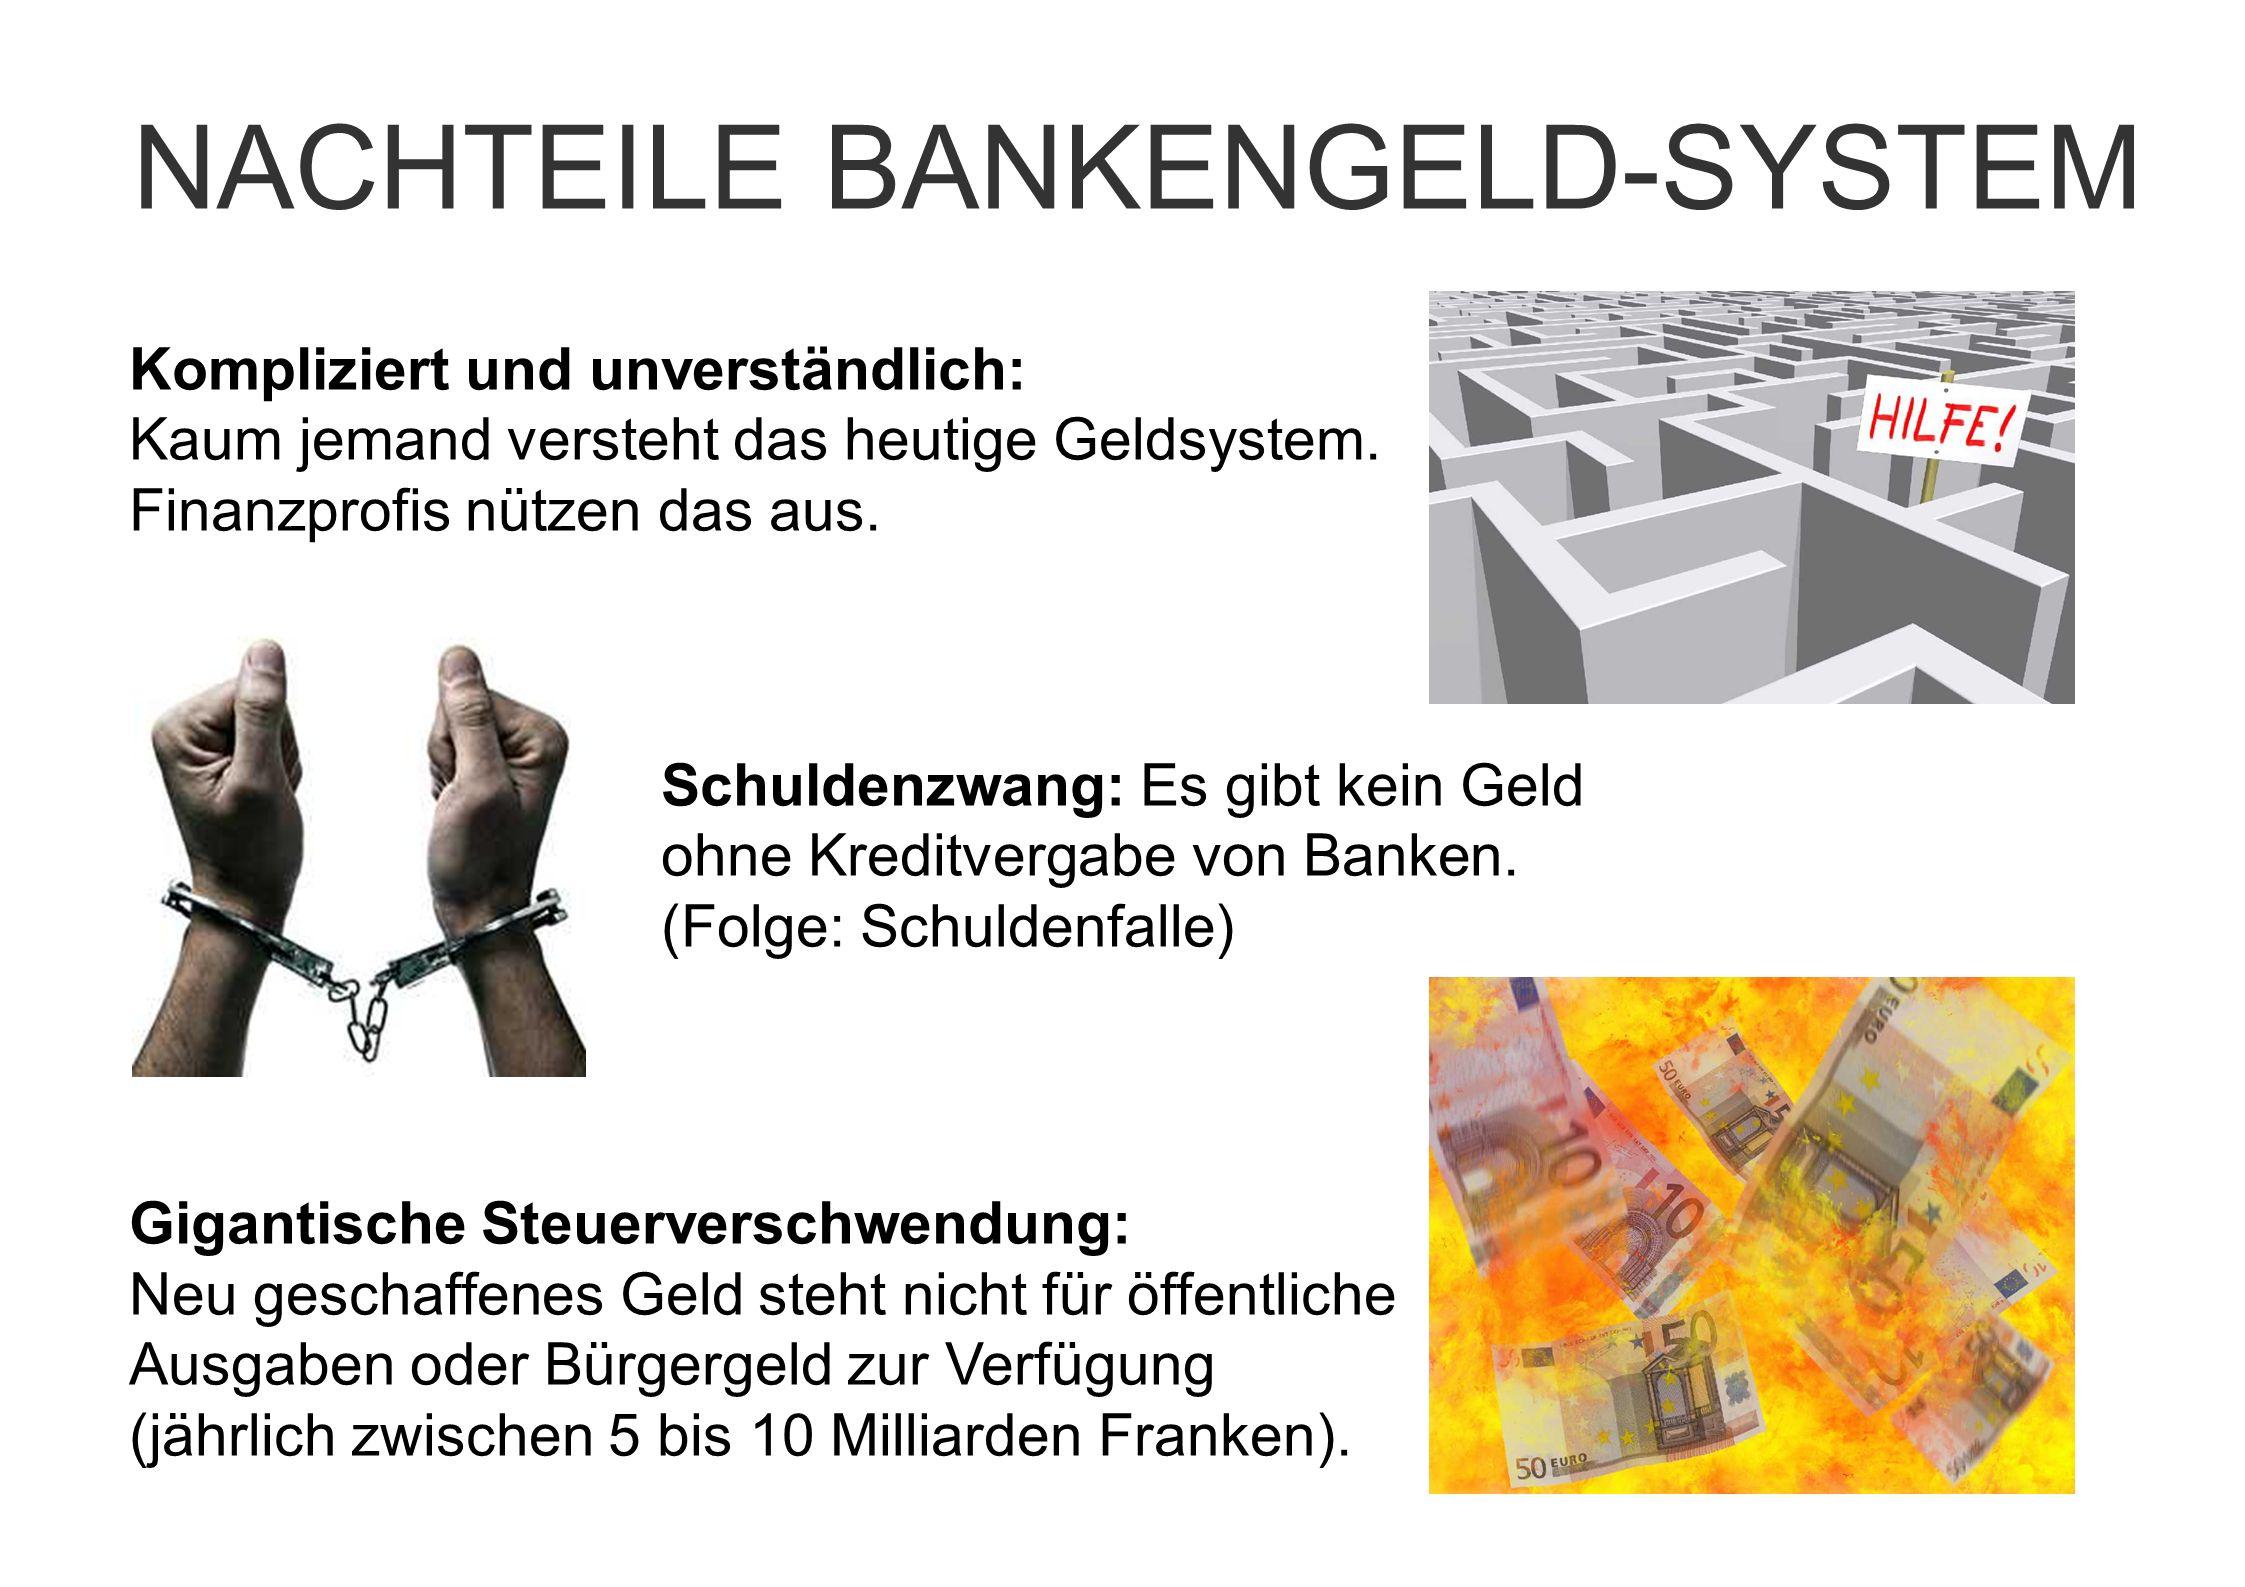 Kompliziert und unverständlich: Kaum jemand versteht das heutige Geldsystem. Finanzprofis nützen das aus. Schuldenzwang: Es gibt kein Geld ohne Kredit